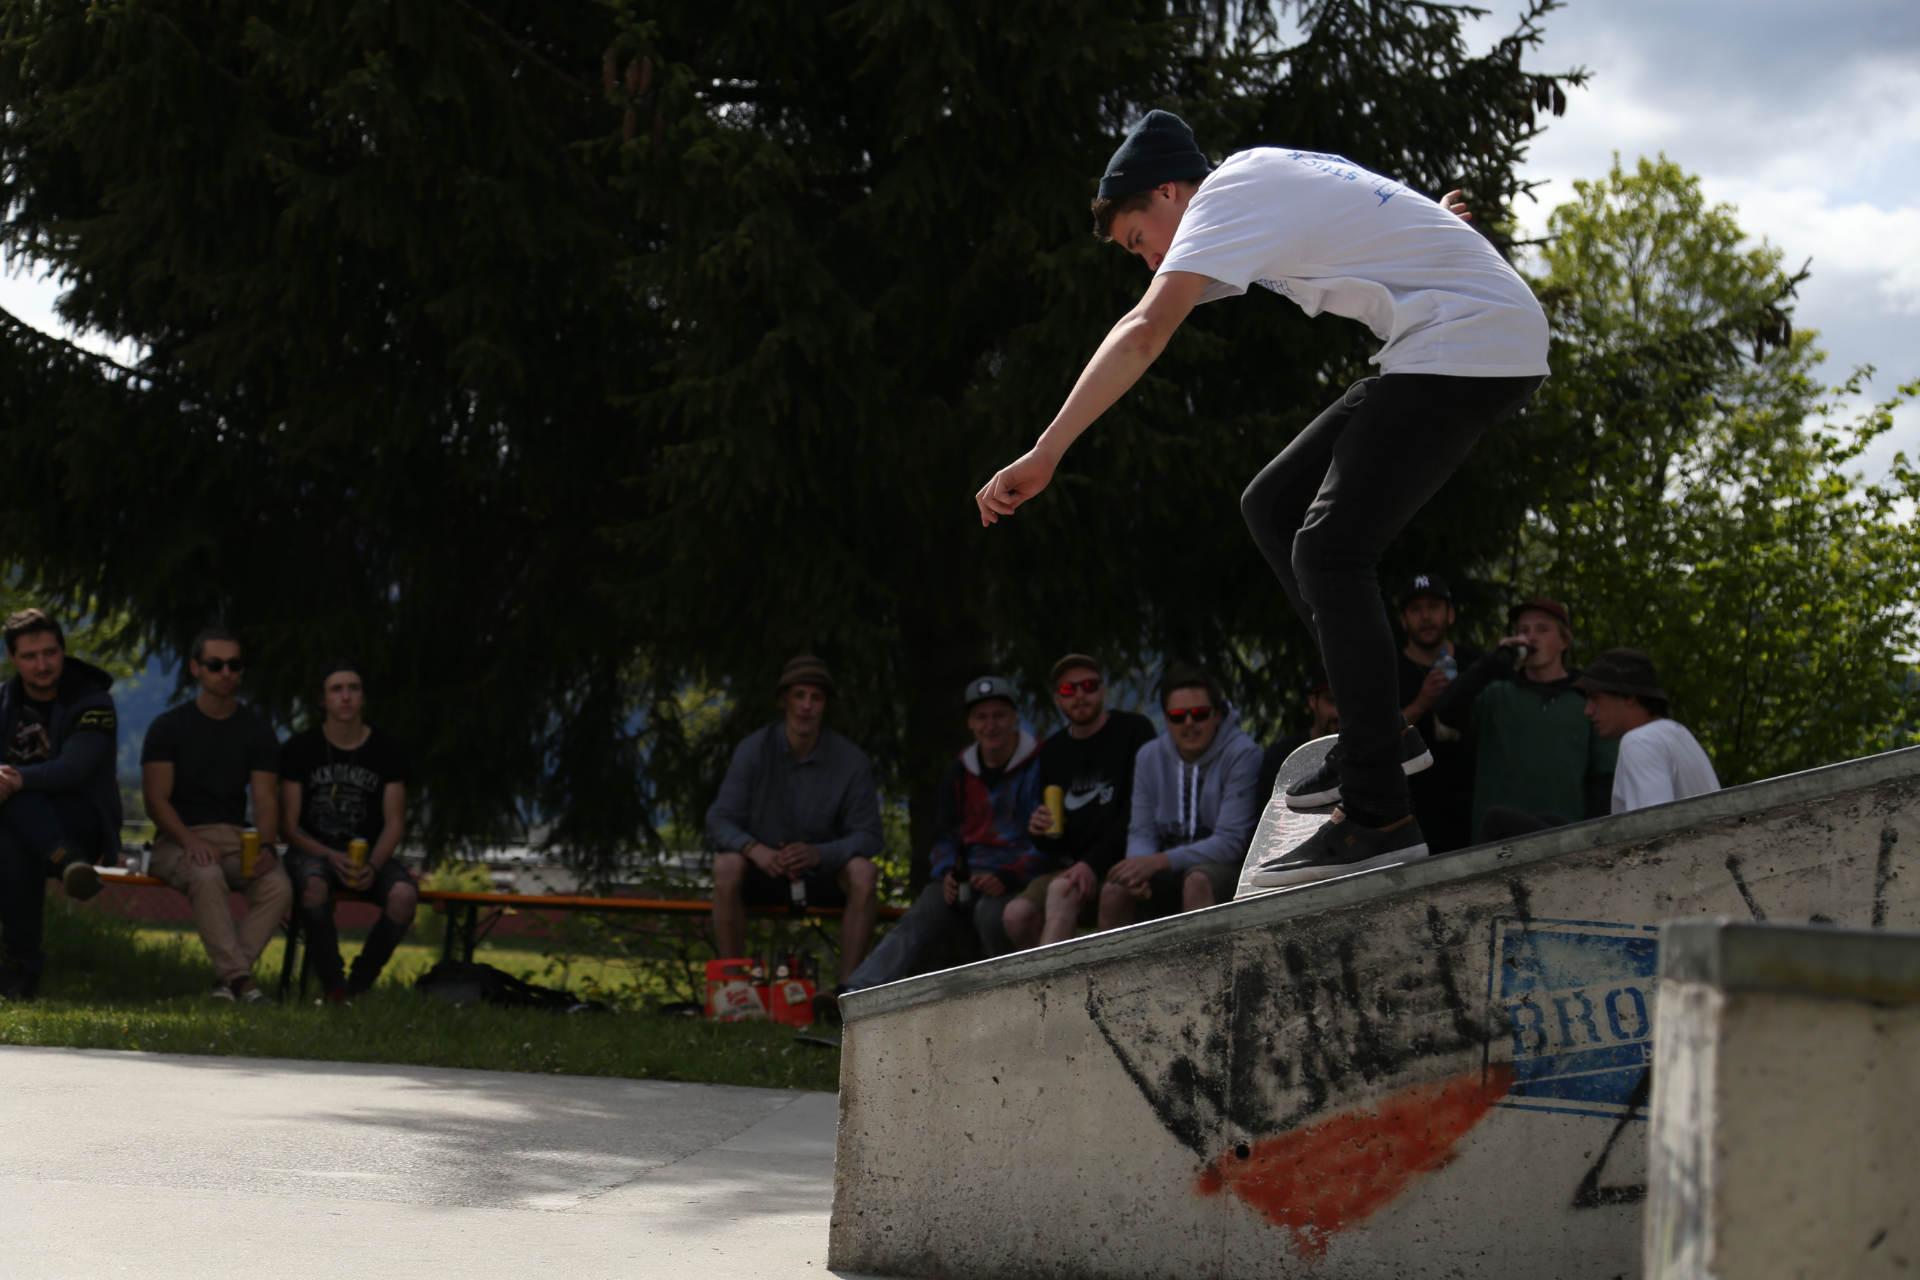 skateboard headz fieberbrunn kgt kitz gau trophy 2019 saalfelden hell00062